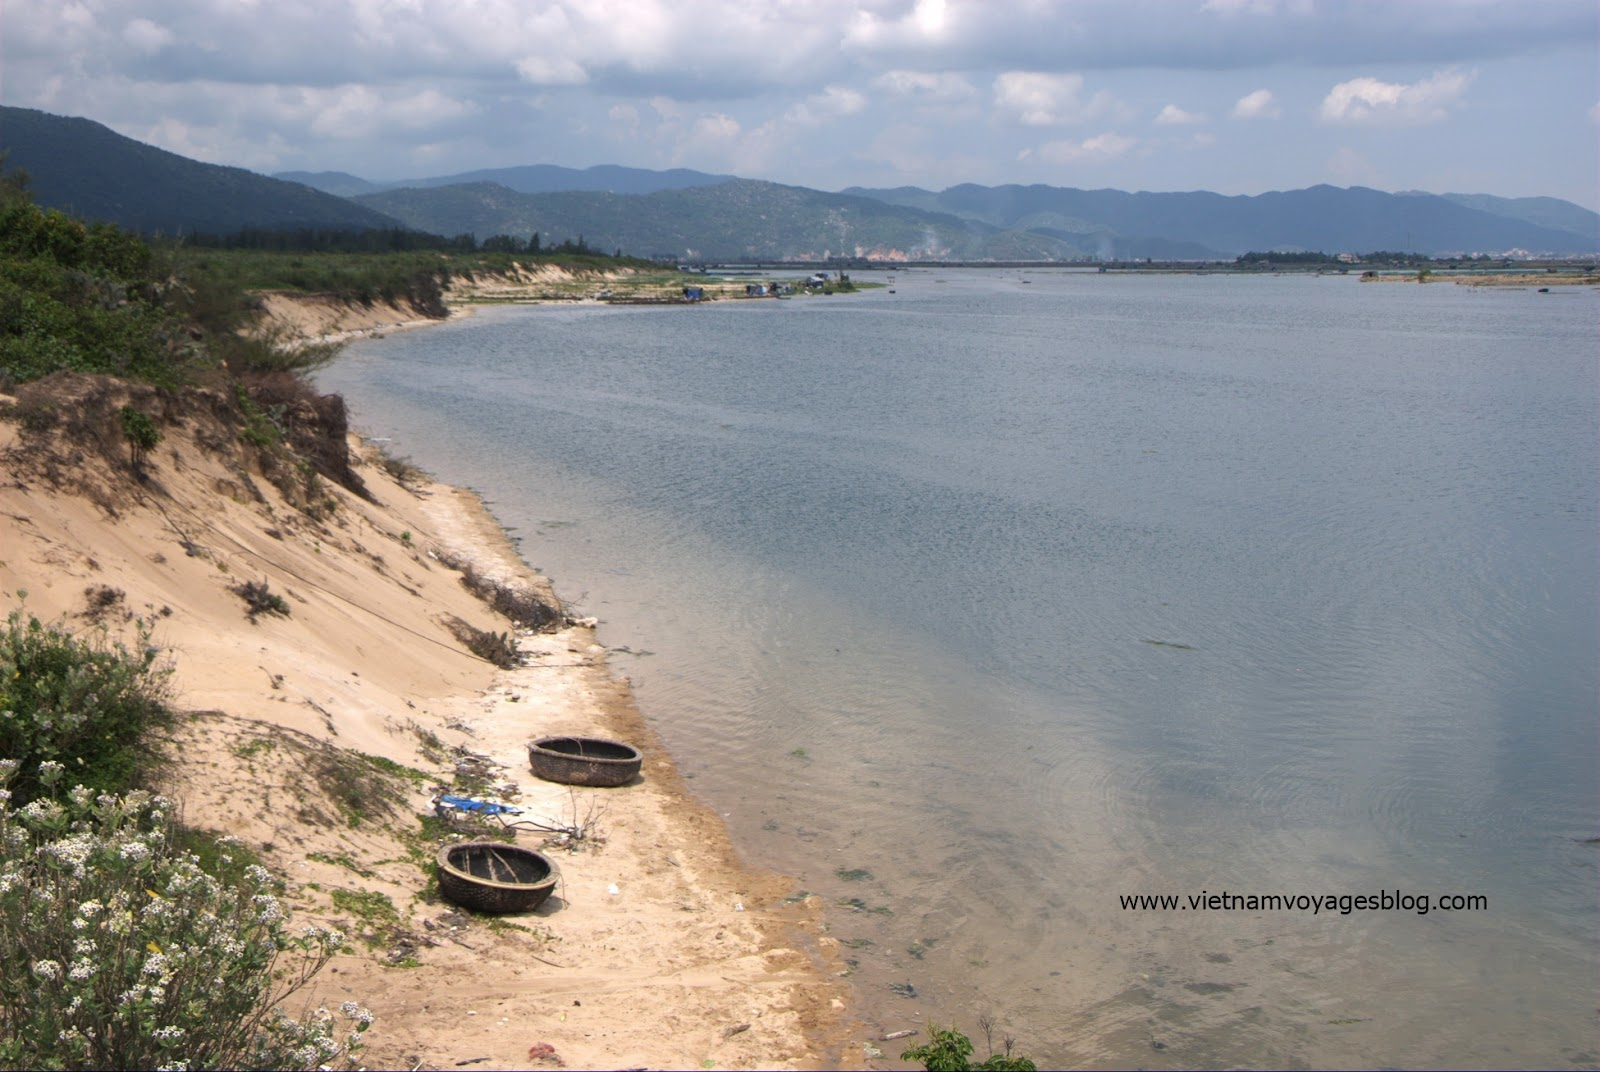 Cửa biển Đà Diễn, Phú Yên 2014